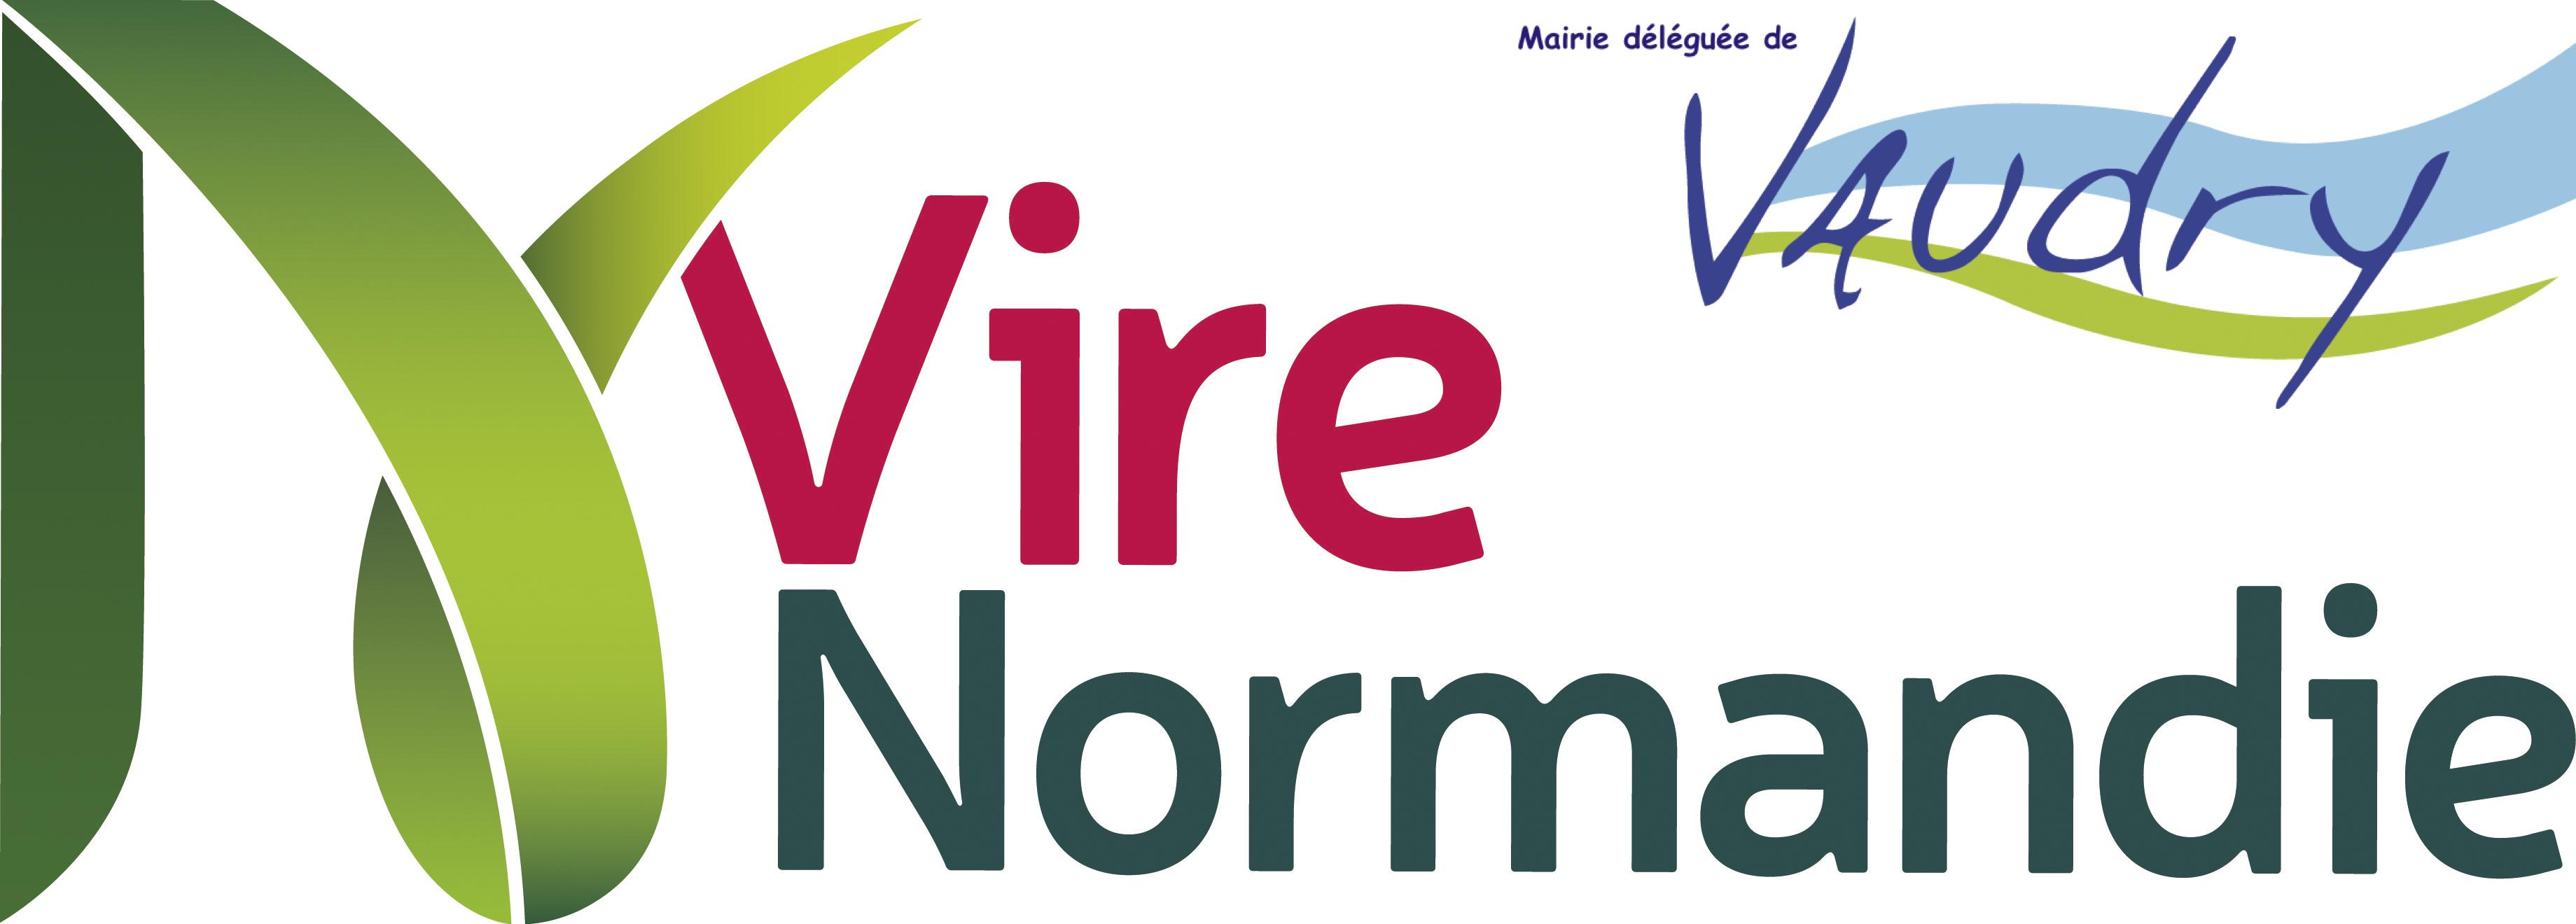 commune-vaudry.fr